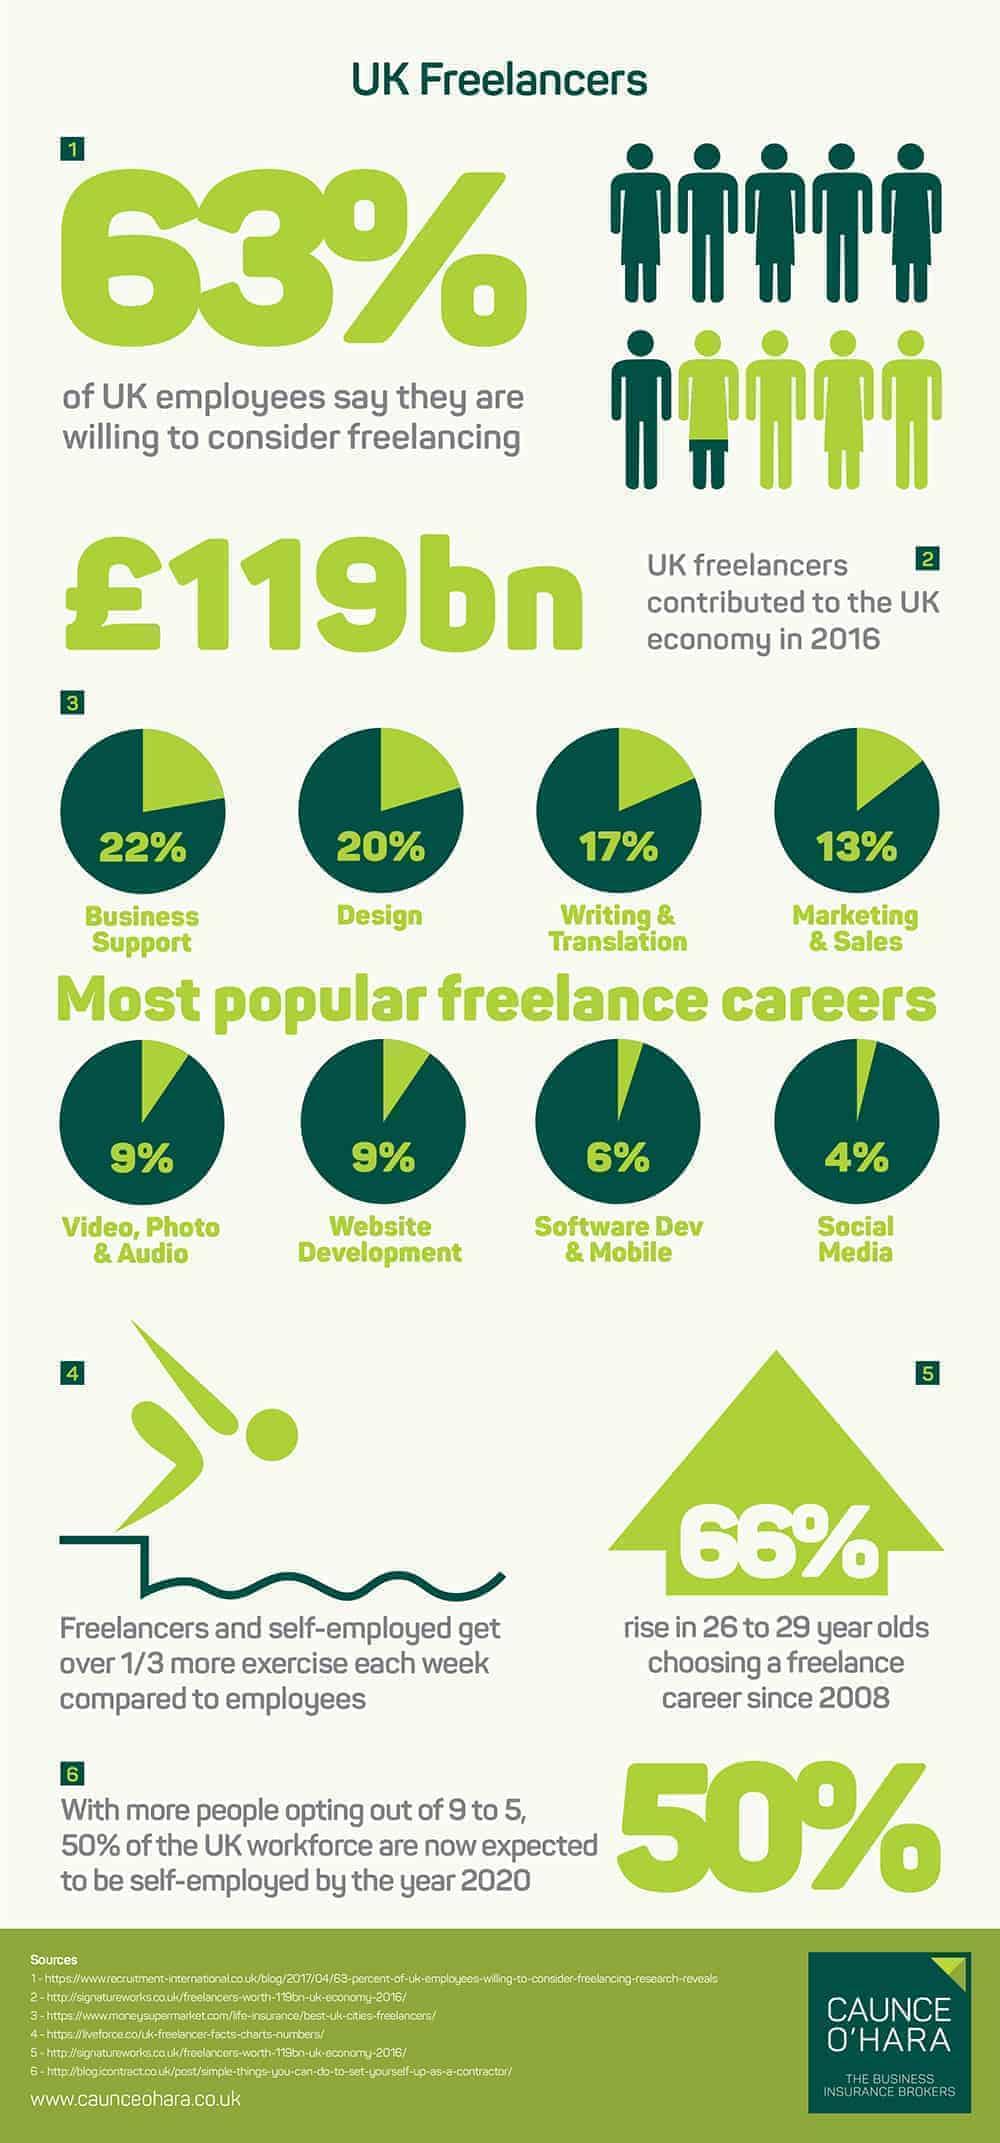 UK Freelancers Infographic